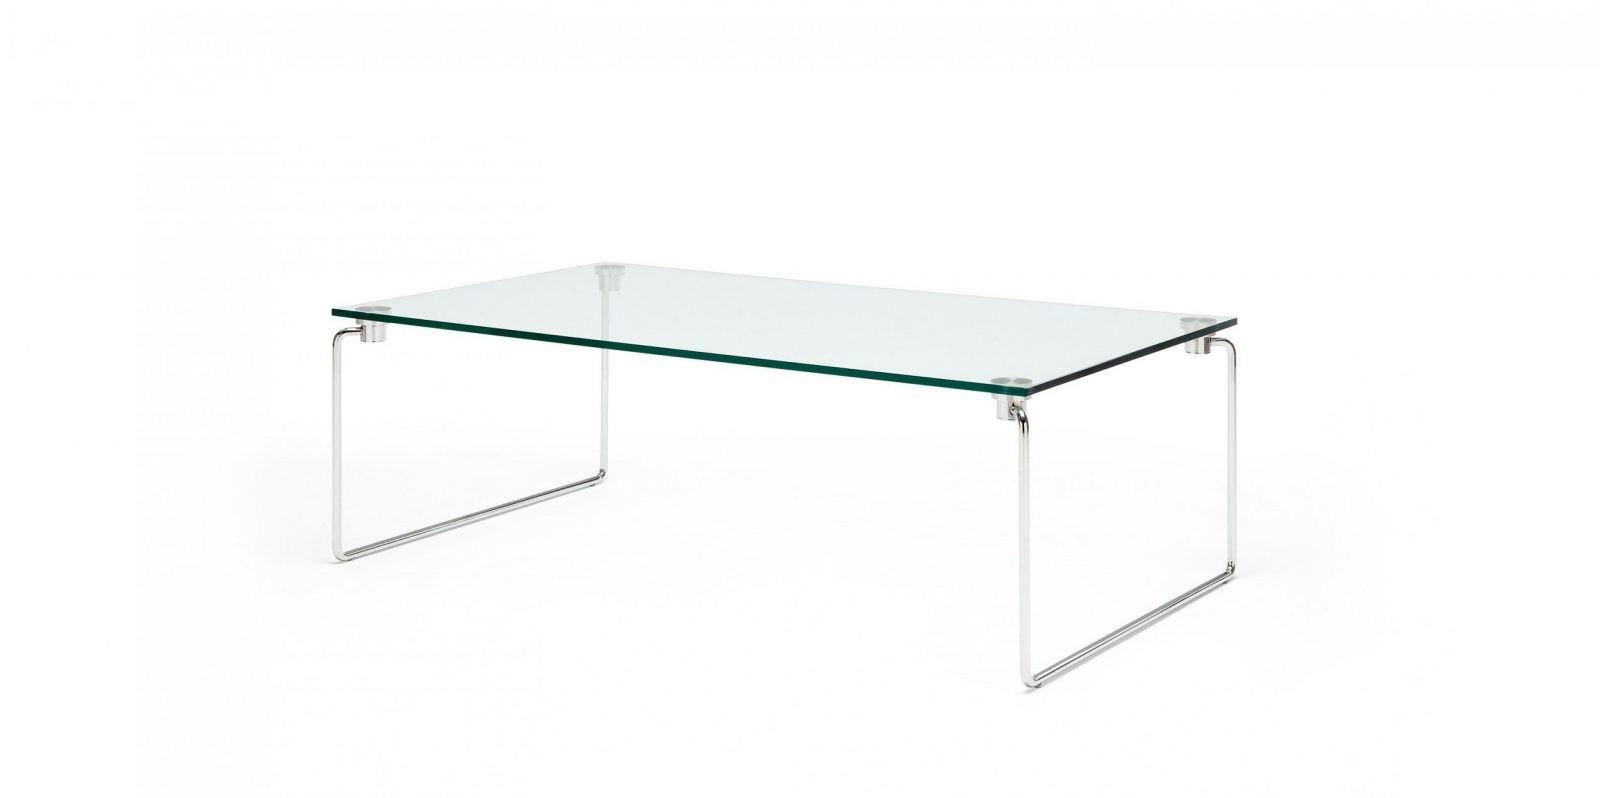 Couchtisch Ideen Anmutig Rolf Benz Couchtisch Glas Design von Rolf Benz Couchtisch Glas Bild